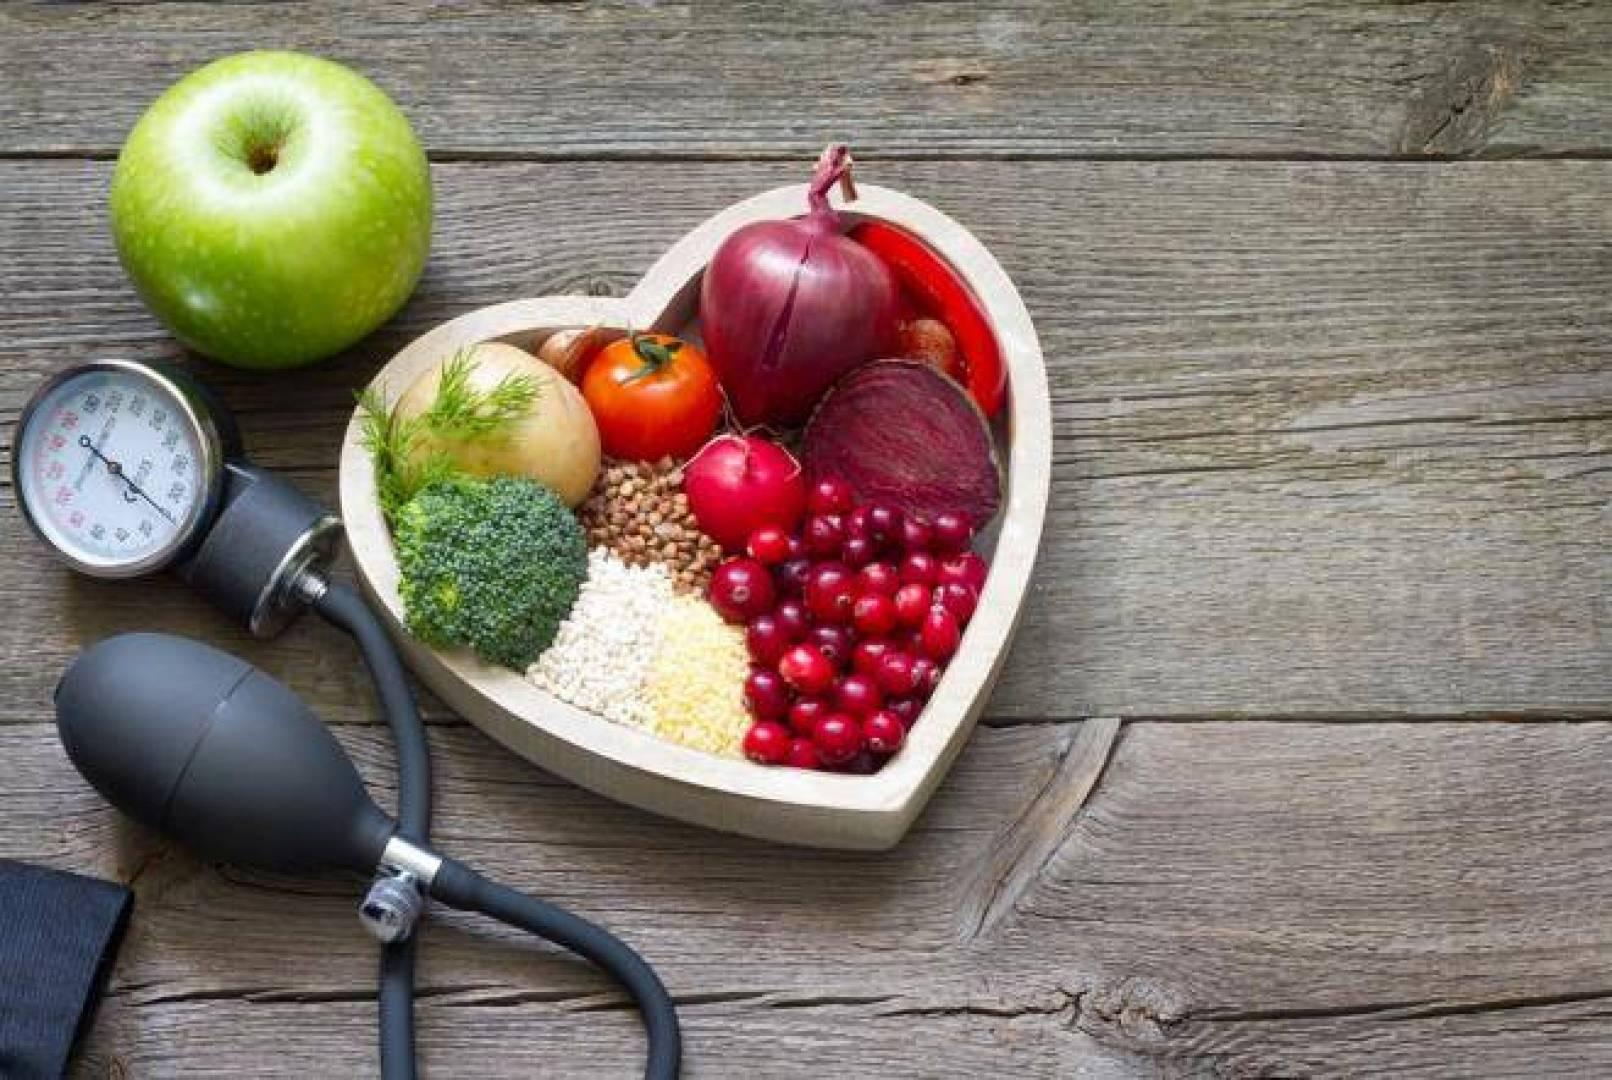 تنظيف الشرايين بشكل طبيعي وأطعمة تقي من أمراض القلب